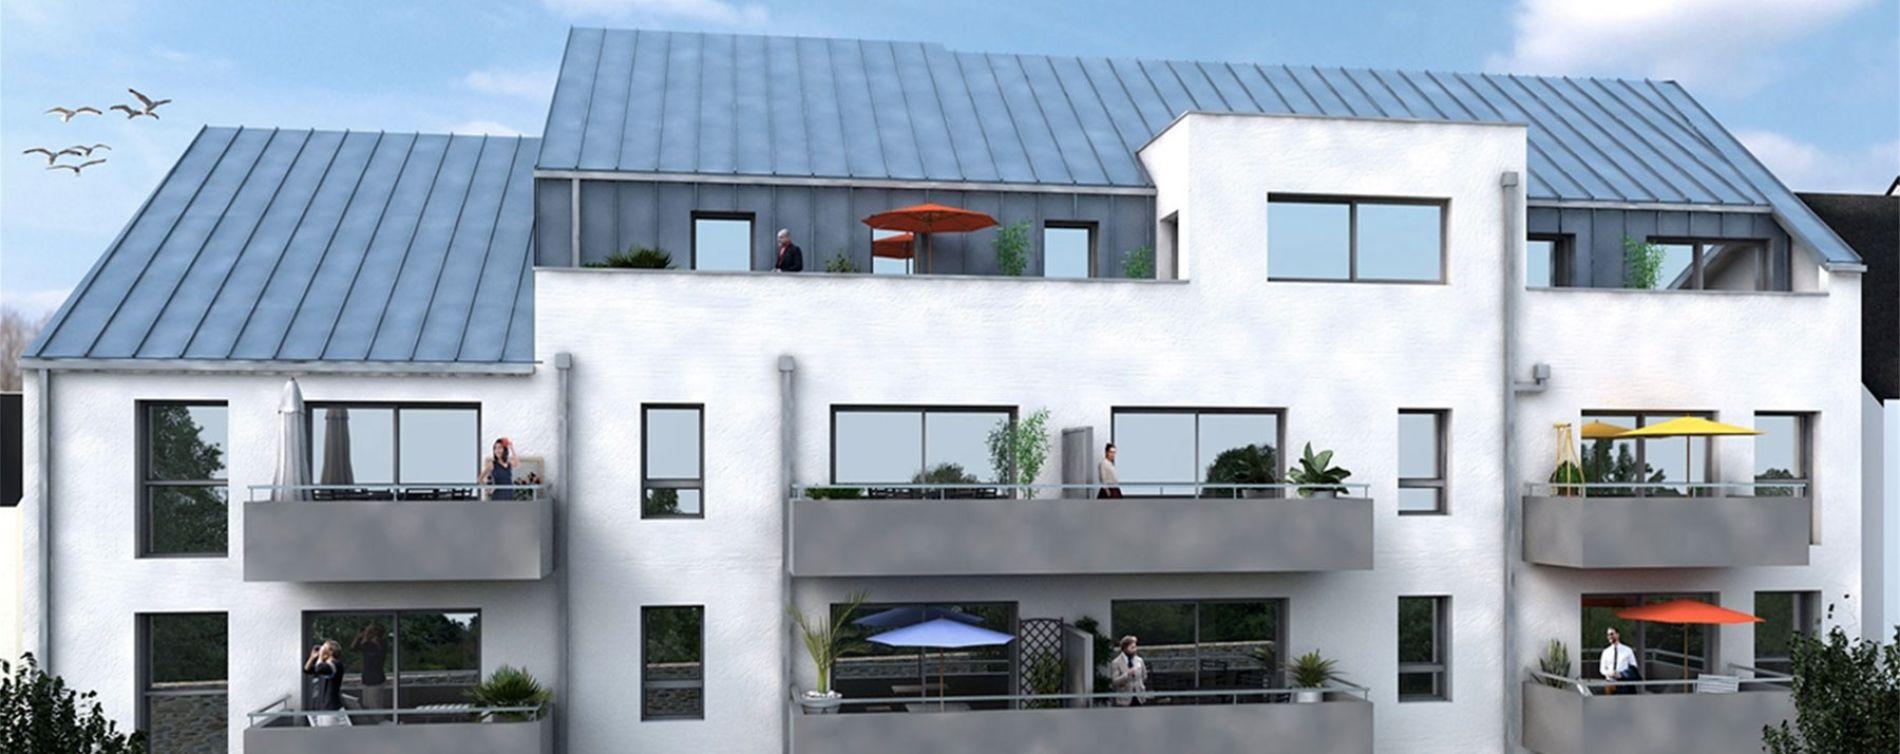 Résidence Les Terrasses du Centre à Gouesnou